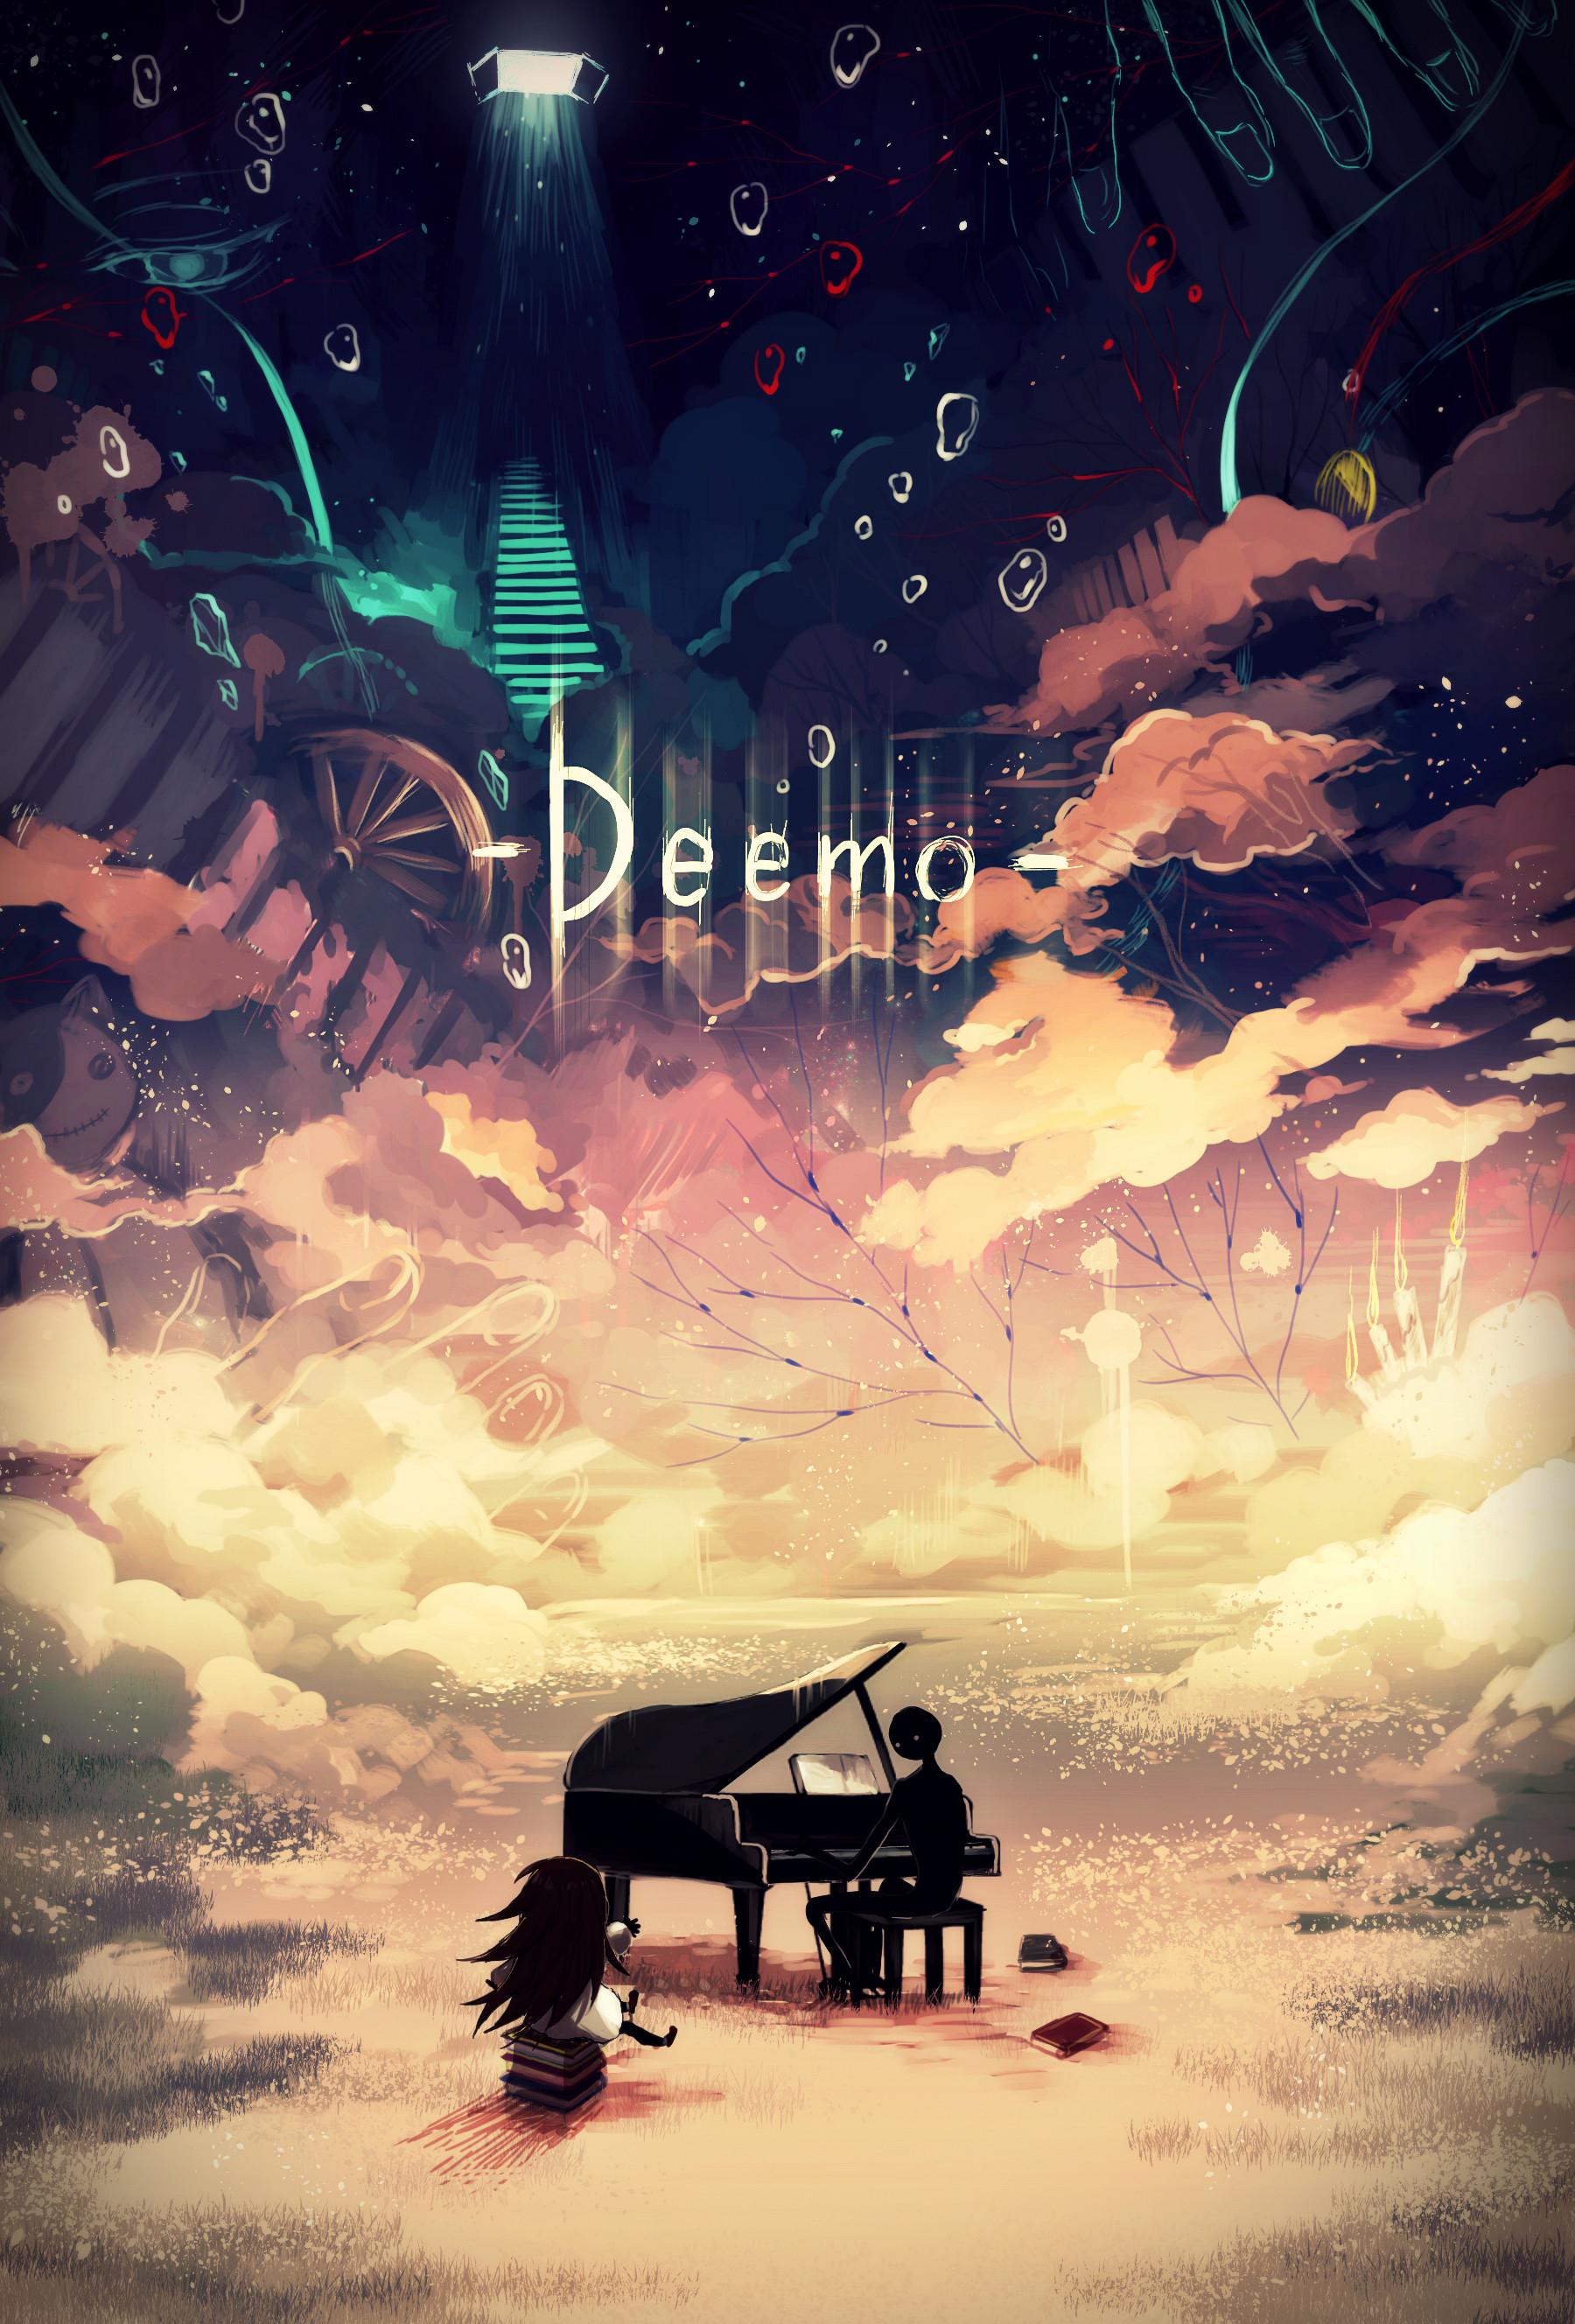 Deemo · download Deemo image